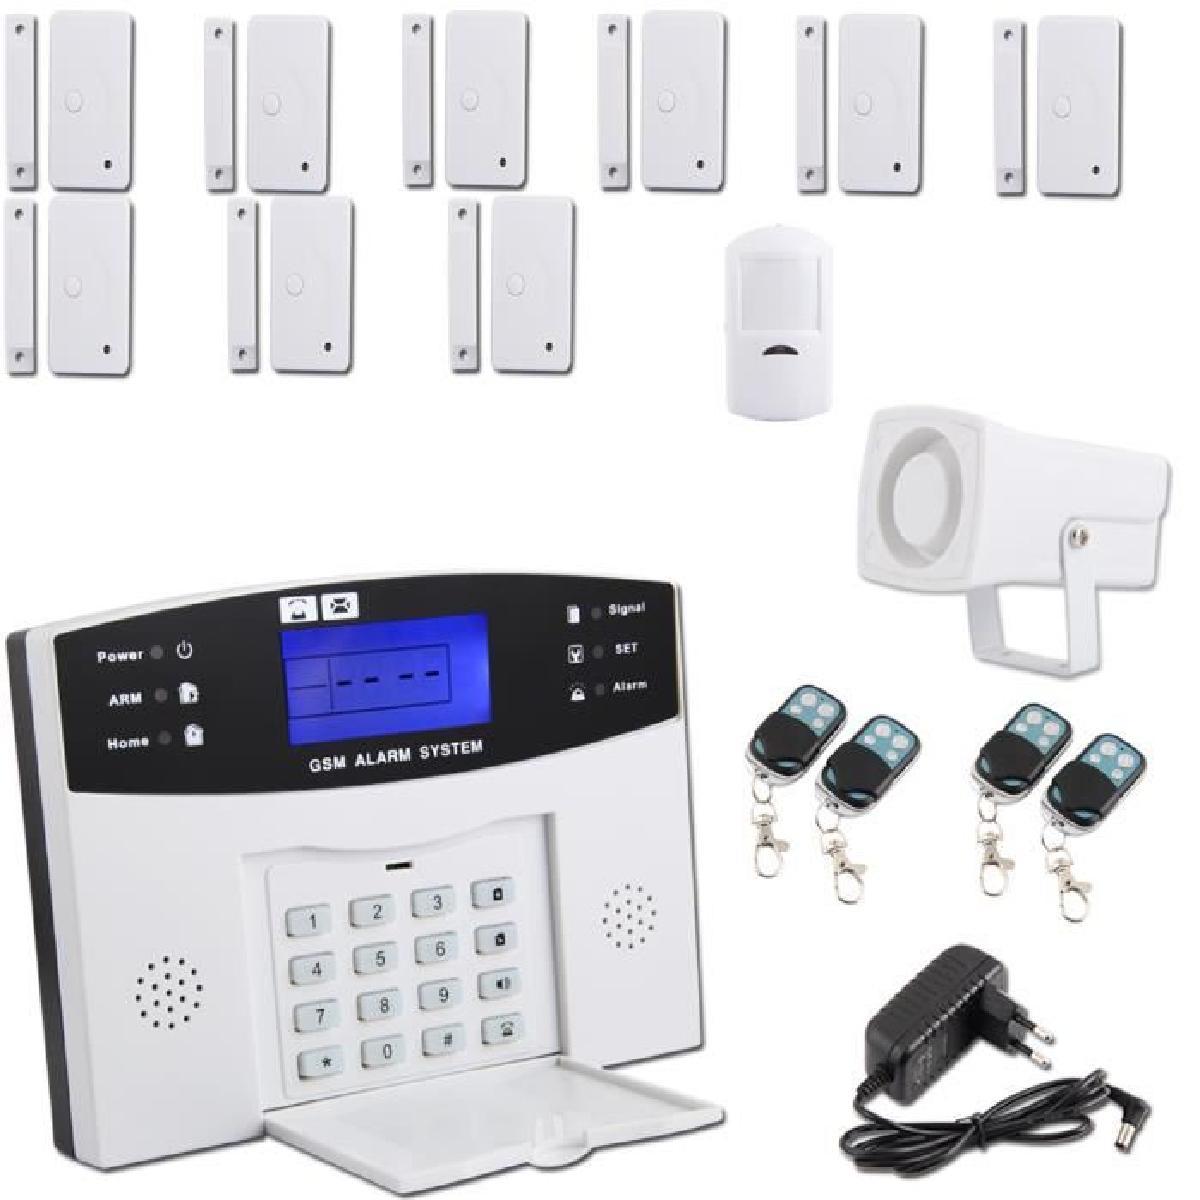 Alarme maison sans fil : qu'en est-il de la norme NF A2P ?